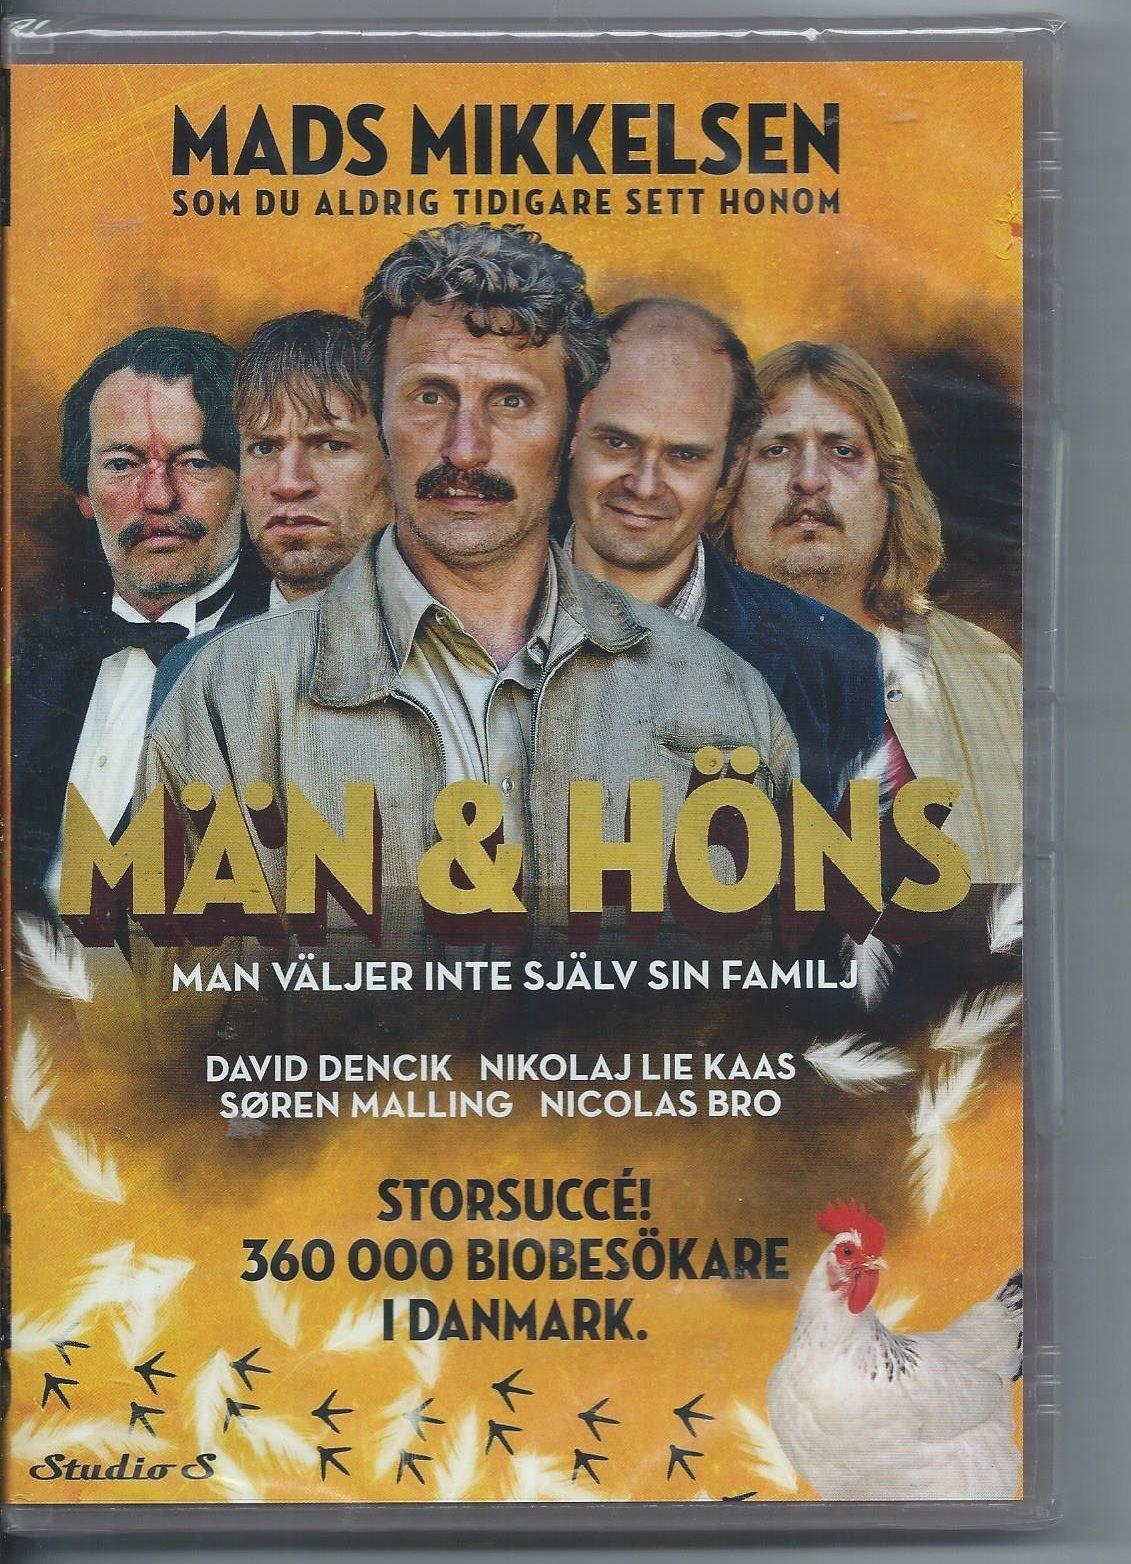 män och höns film